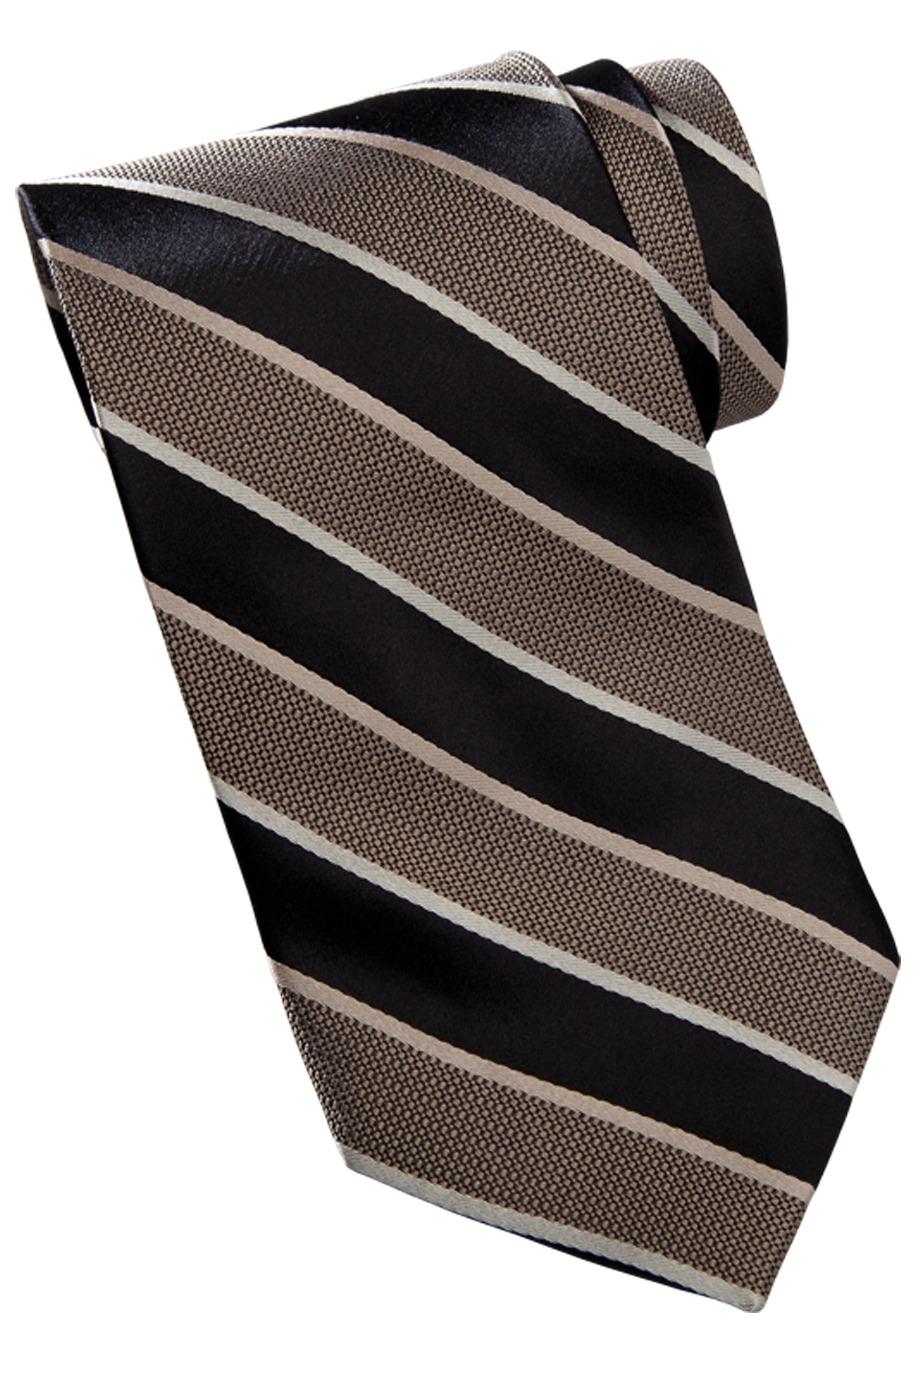 Edwards Garment SW00 - Wide Stripe Tie